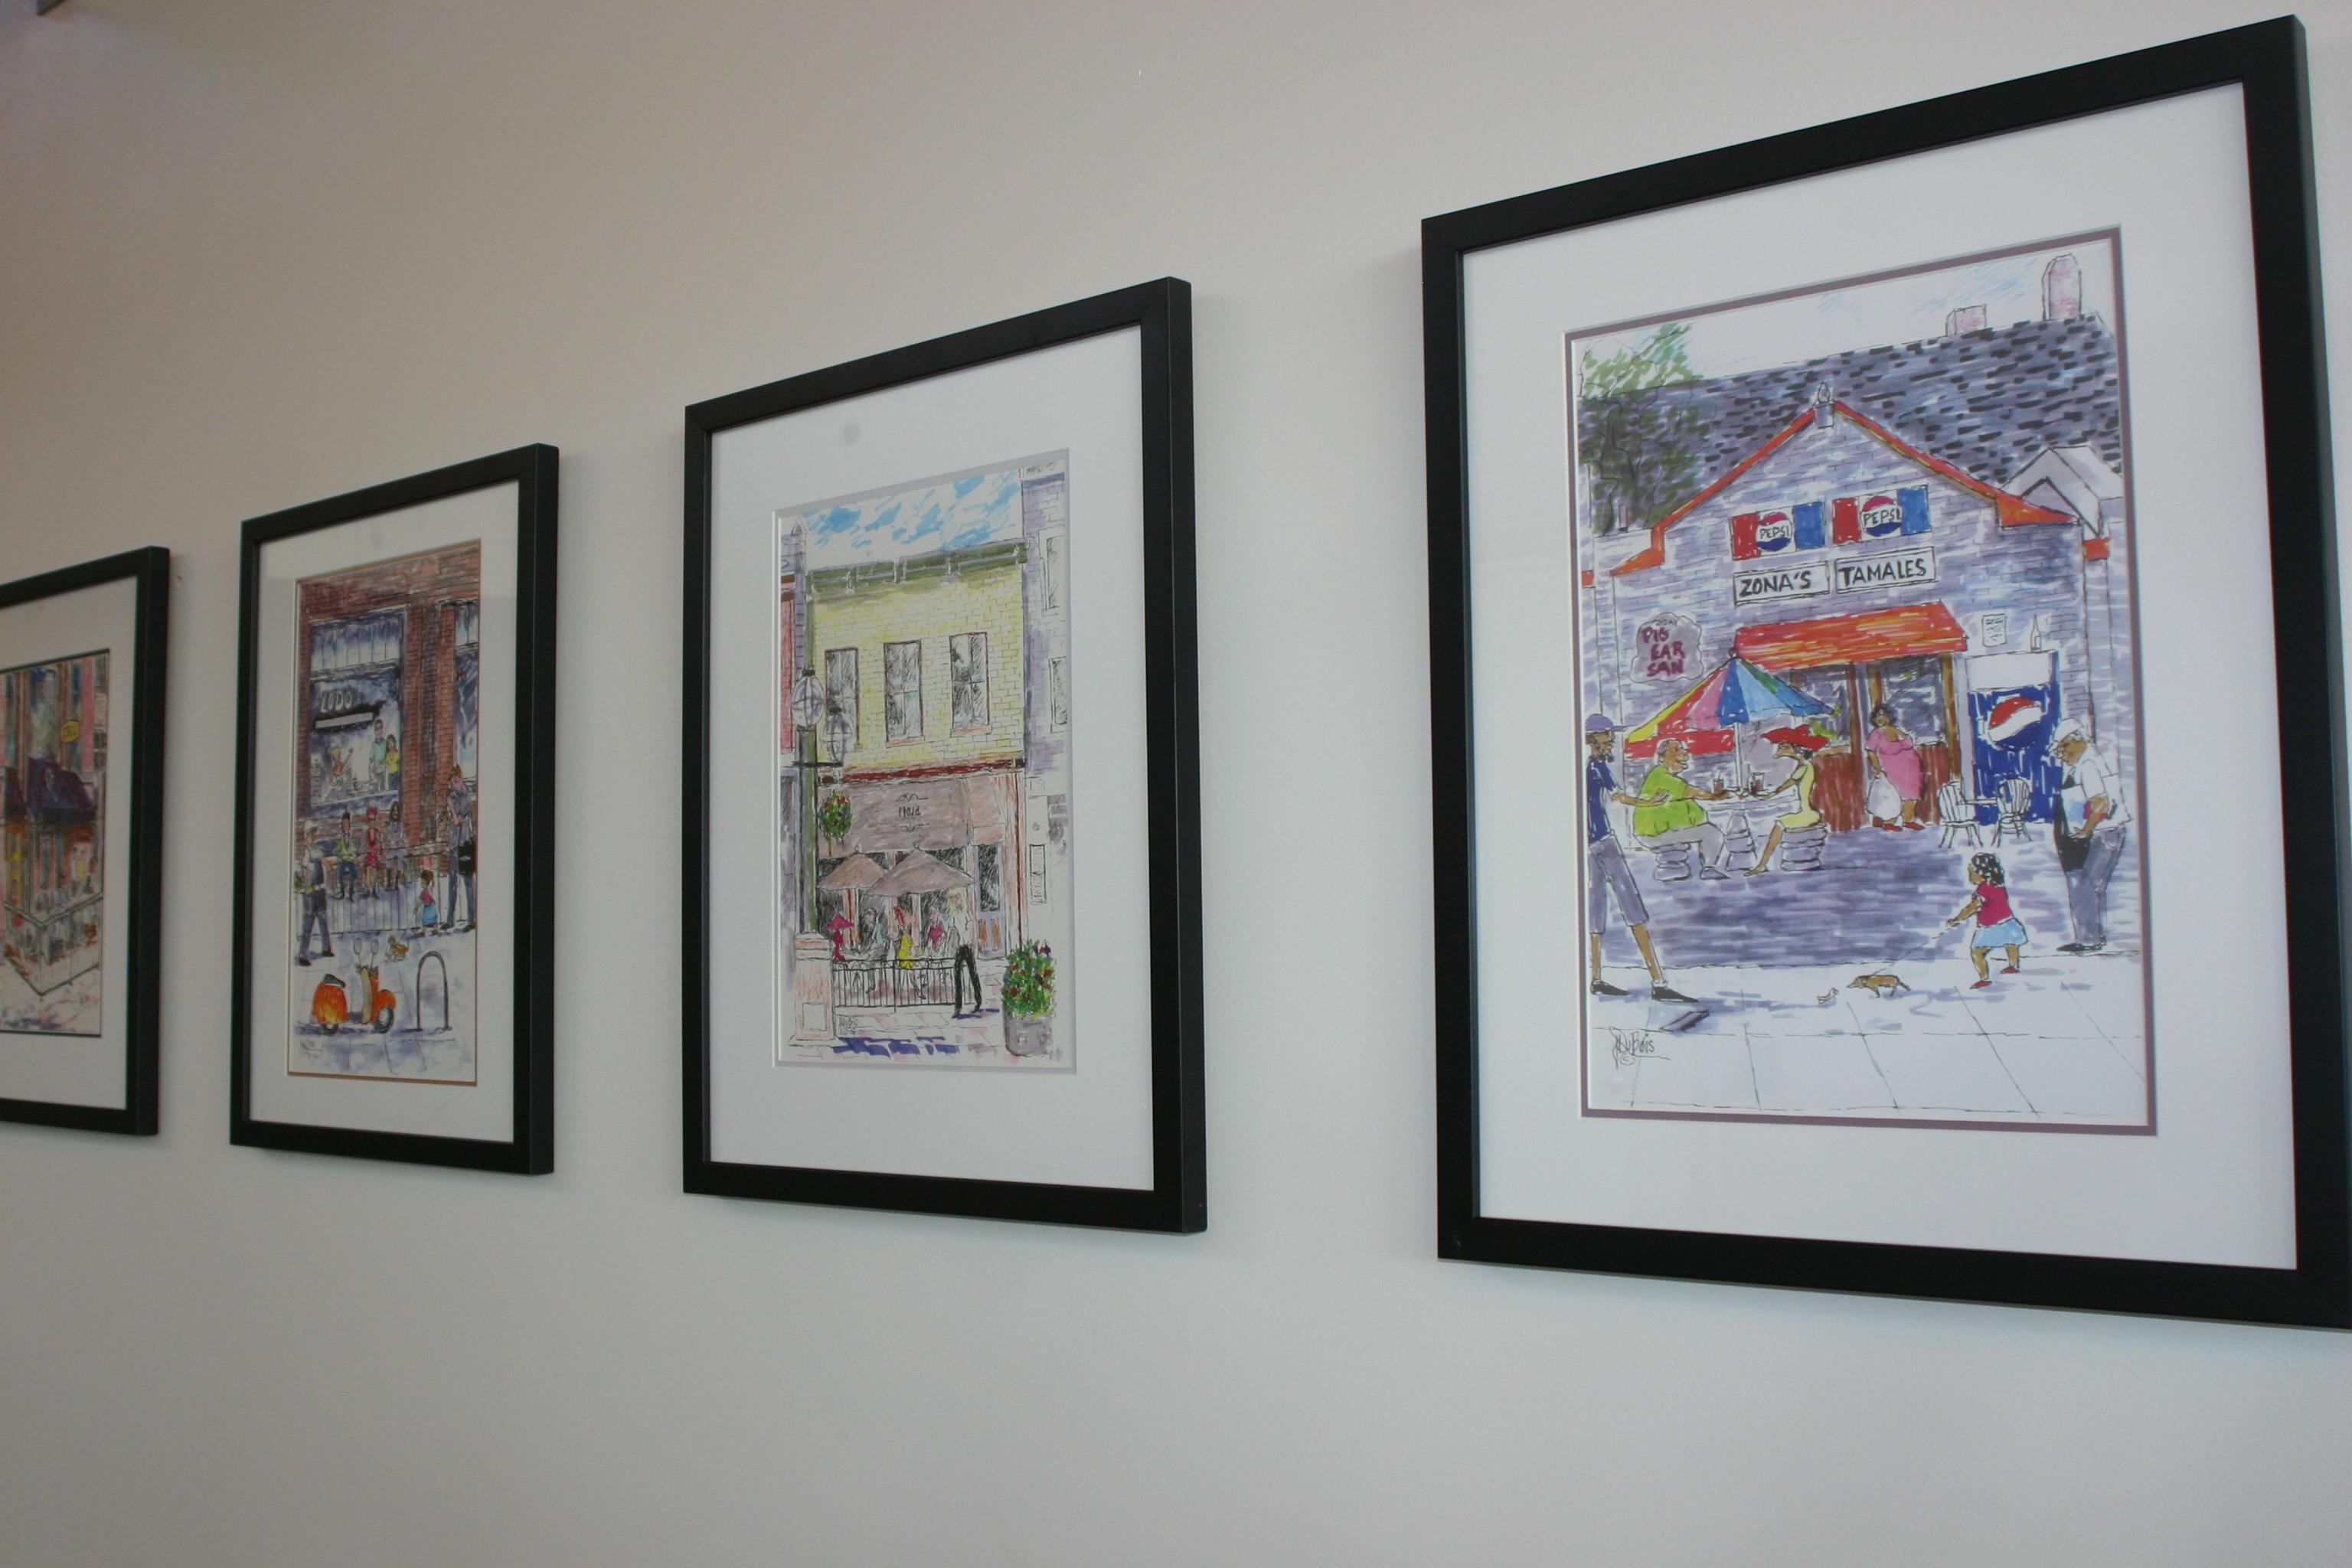 Colorado Prints